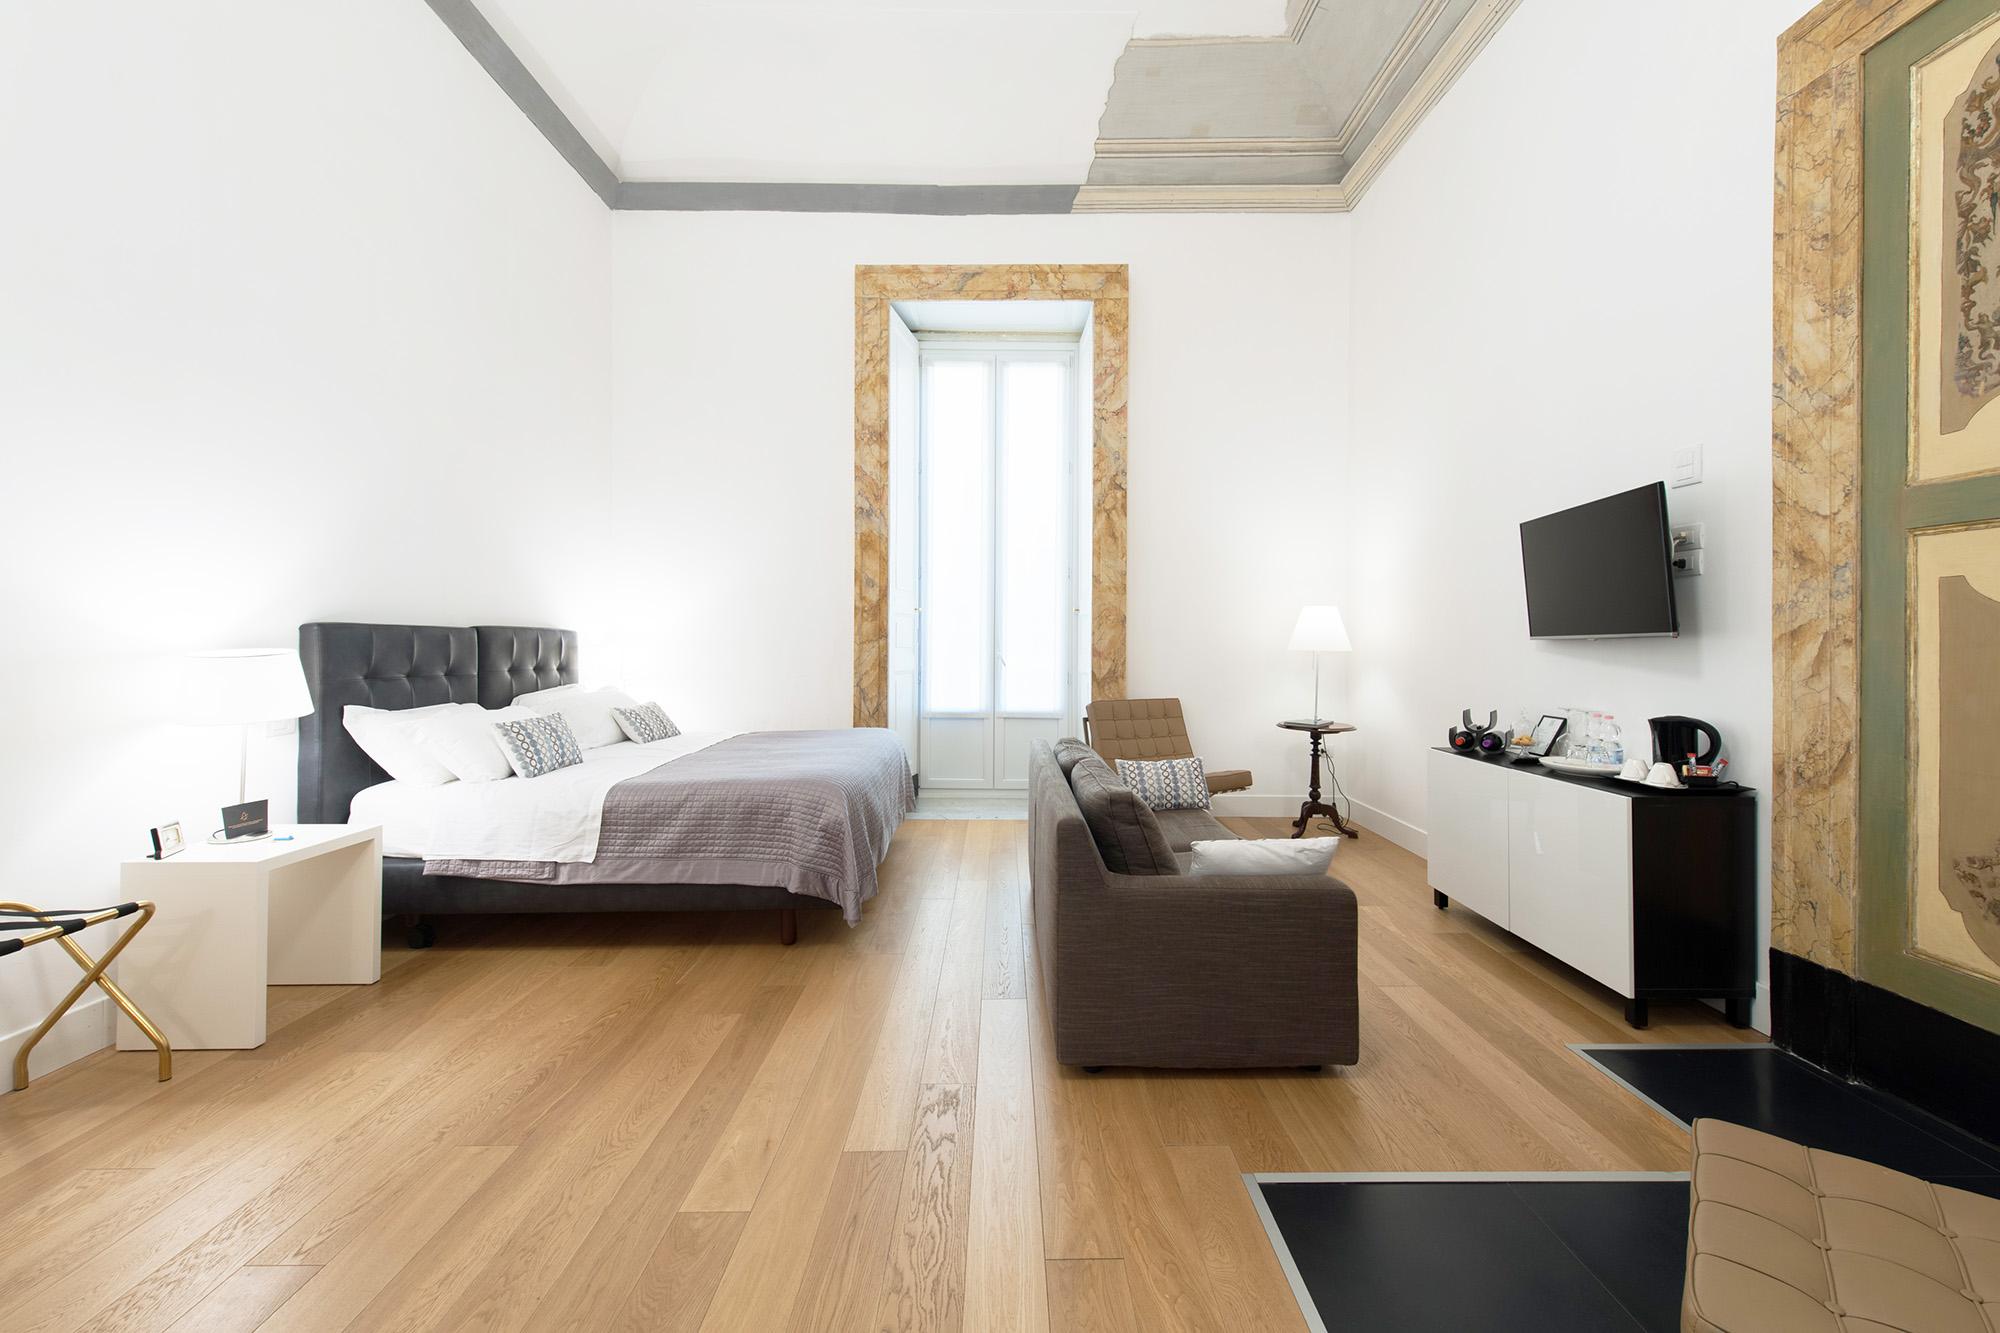 Suite double spacieuse et lumineuse avec un lit double. On y trouve un canapé devant le lit à quelques centimètres avec une télévision